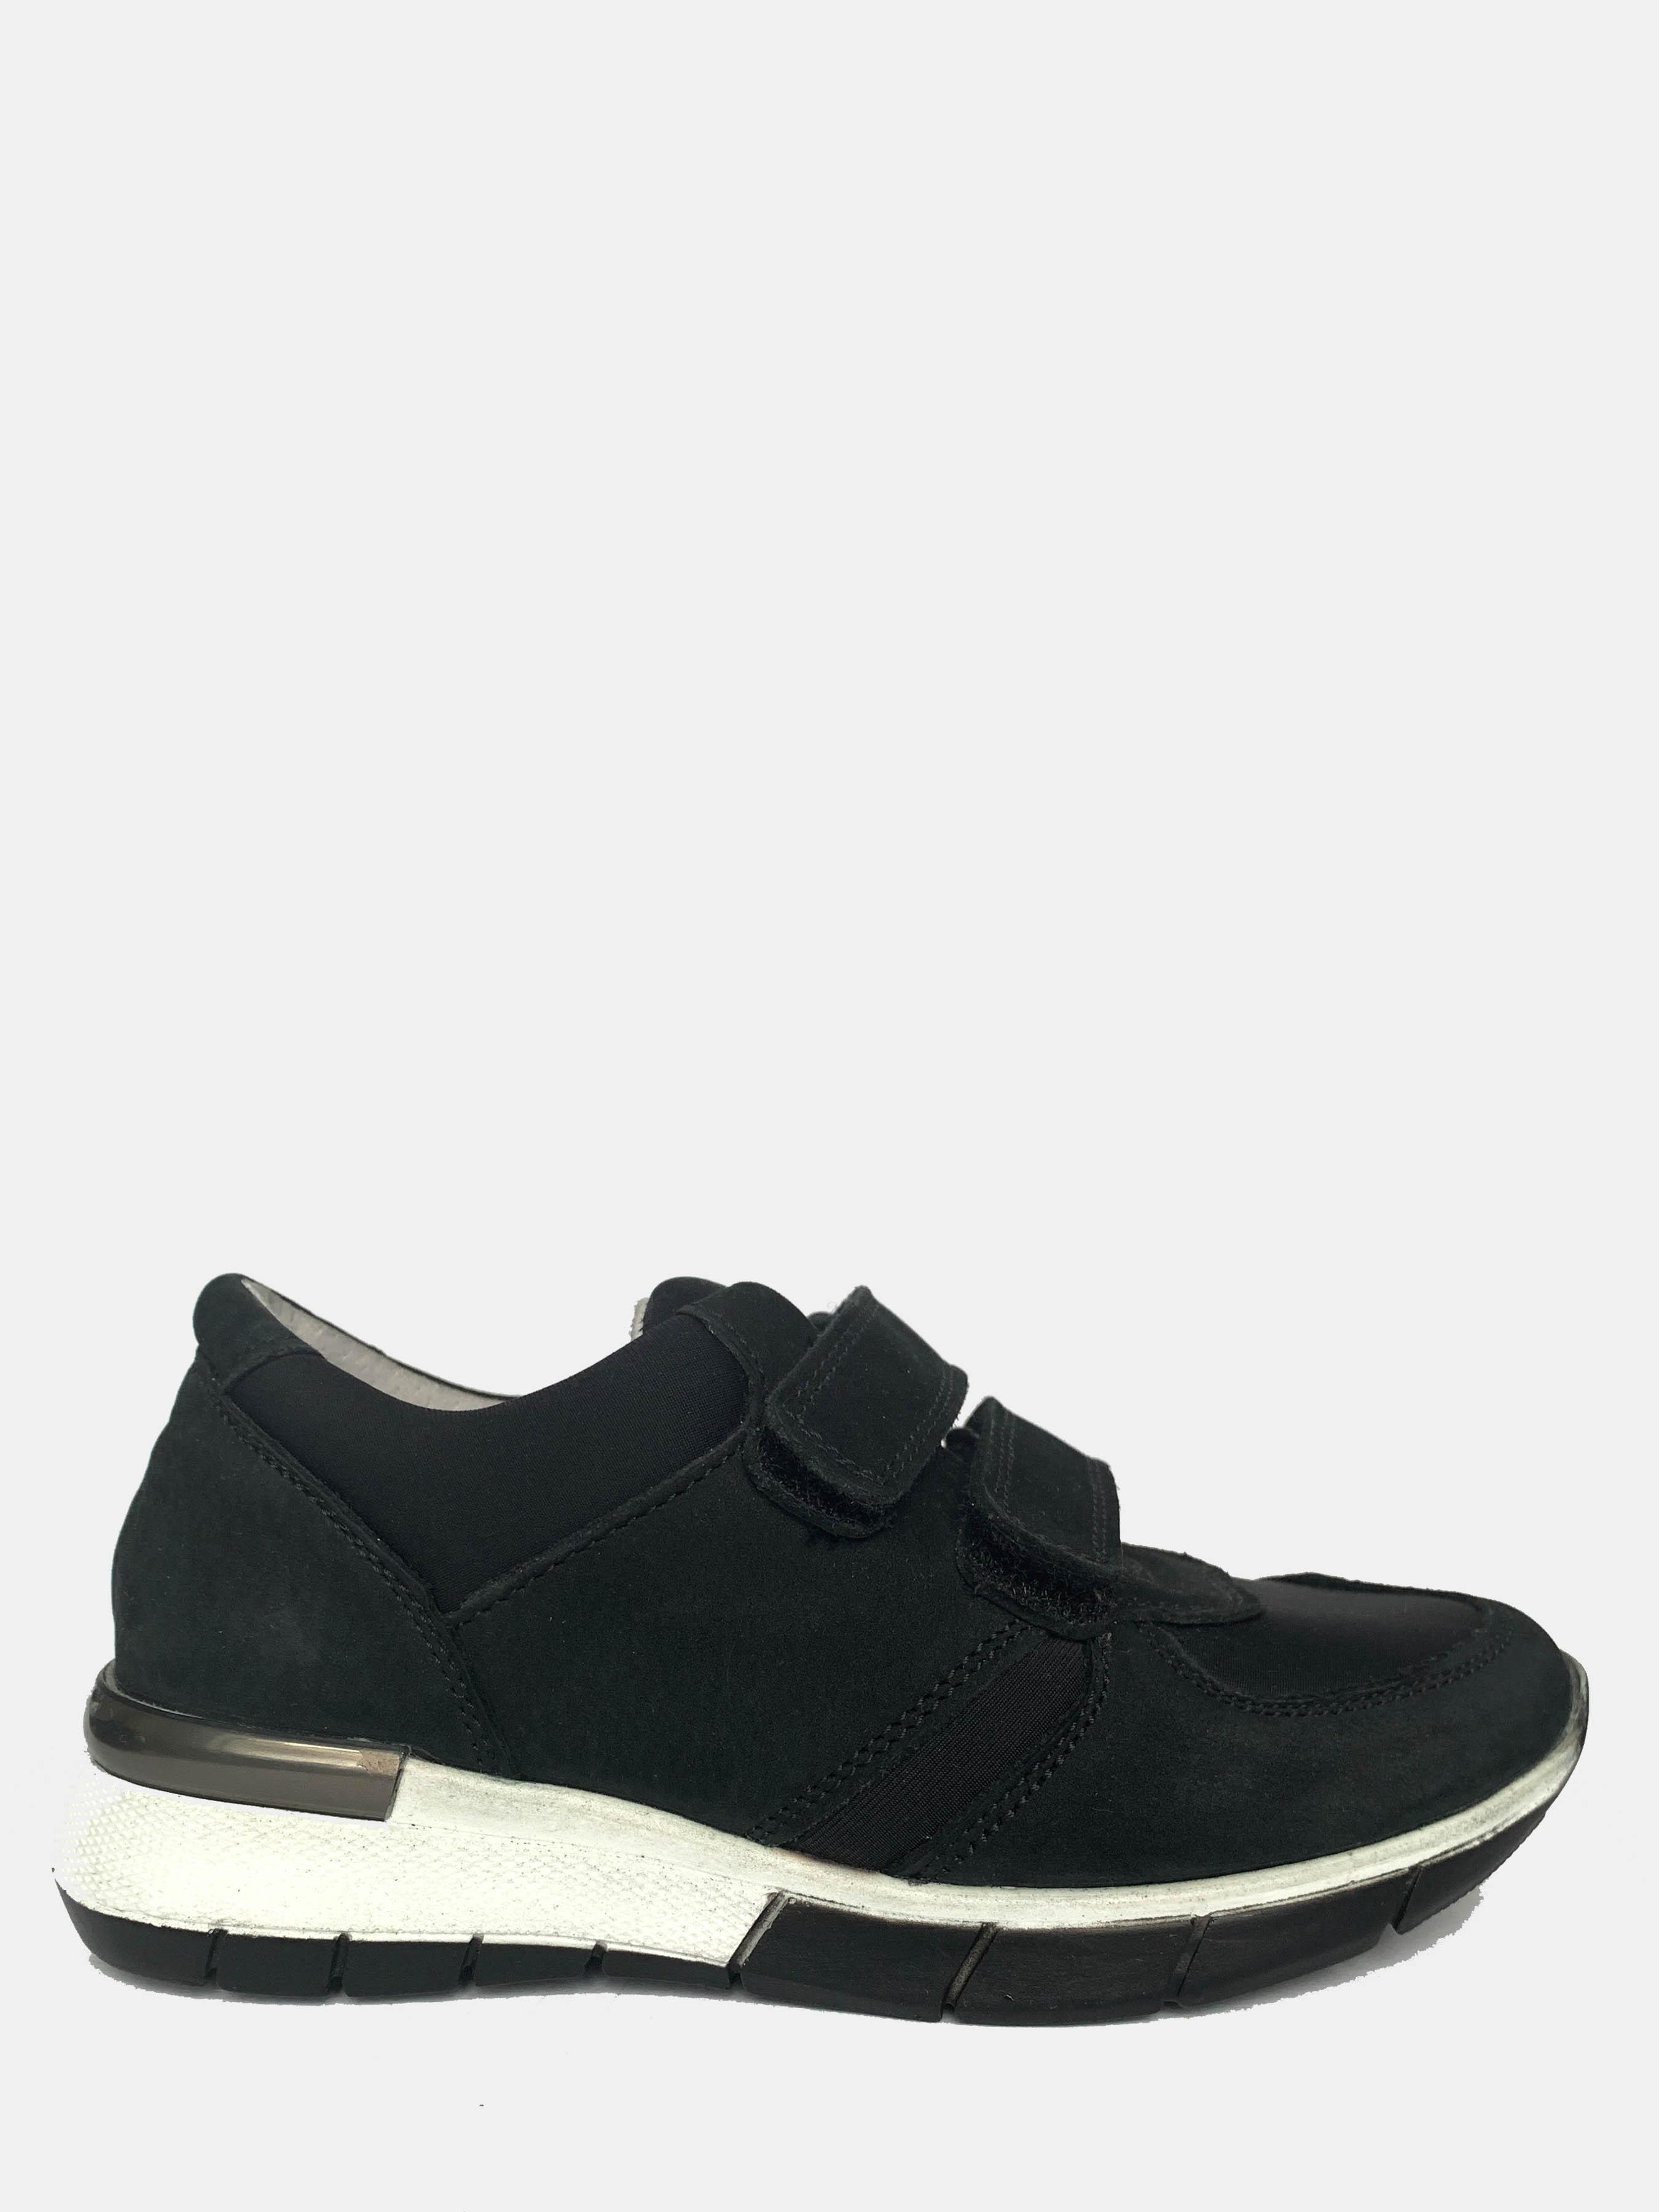 Кроссовки для детей Brian Black 192-1N модная обувь, 2017